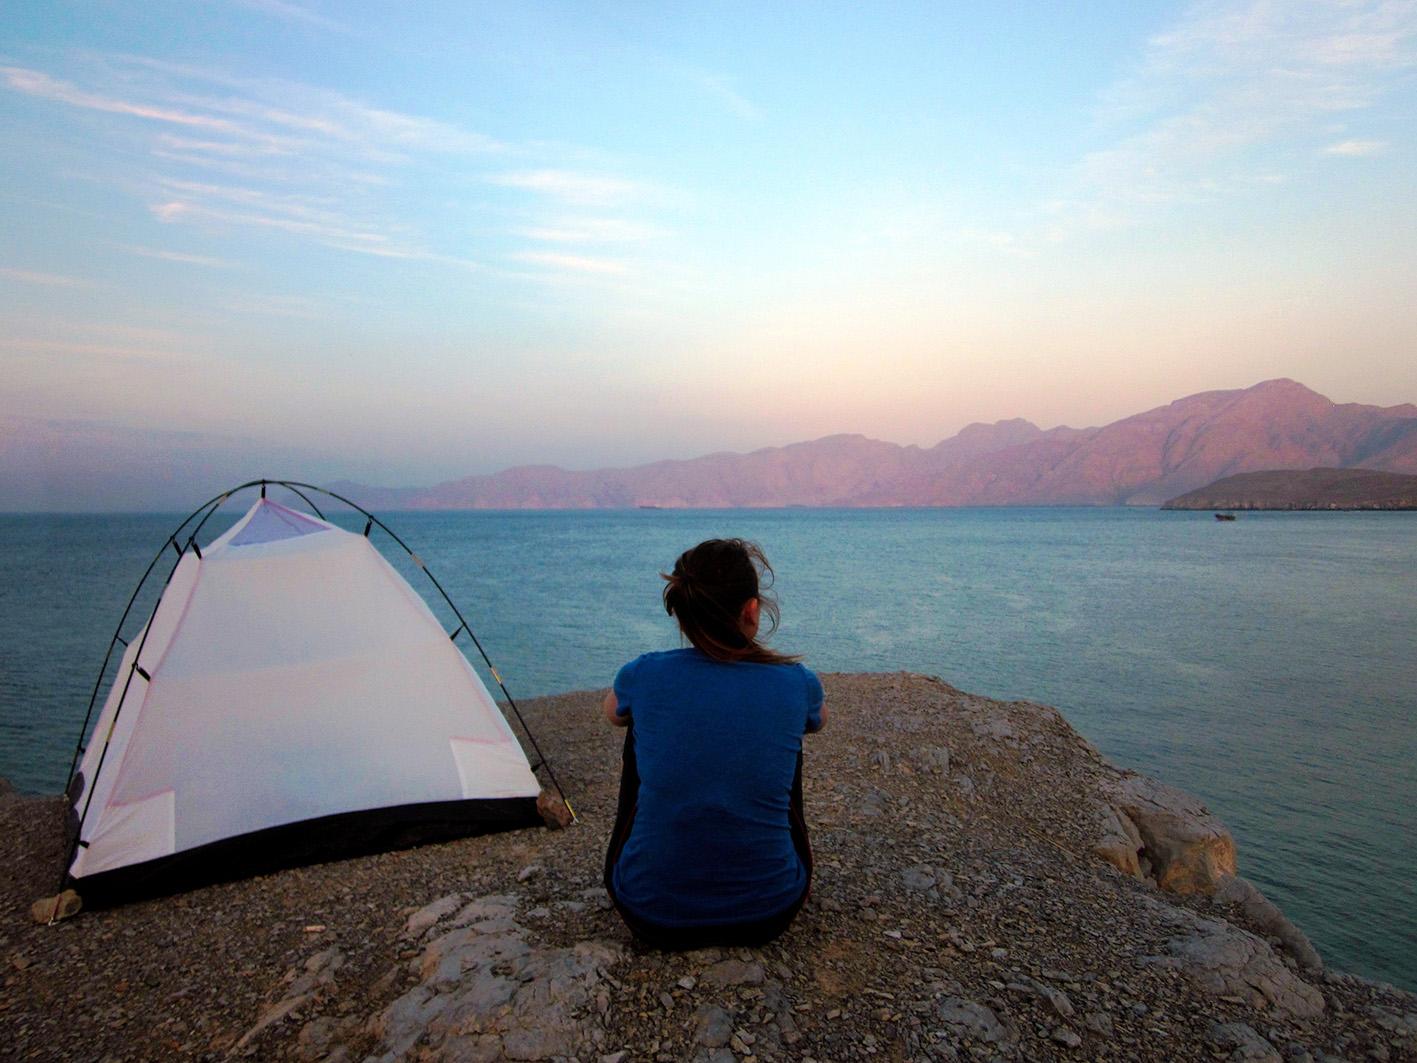 المخيمات.. الوجهة السياحية المفضّلة شتاءً